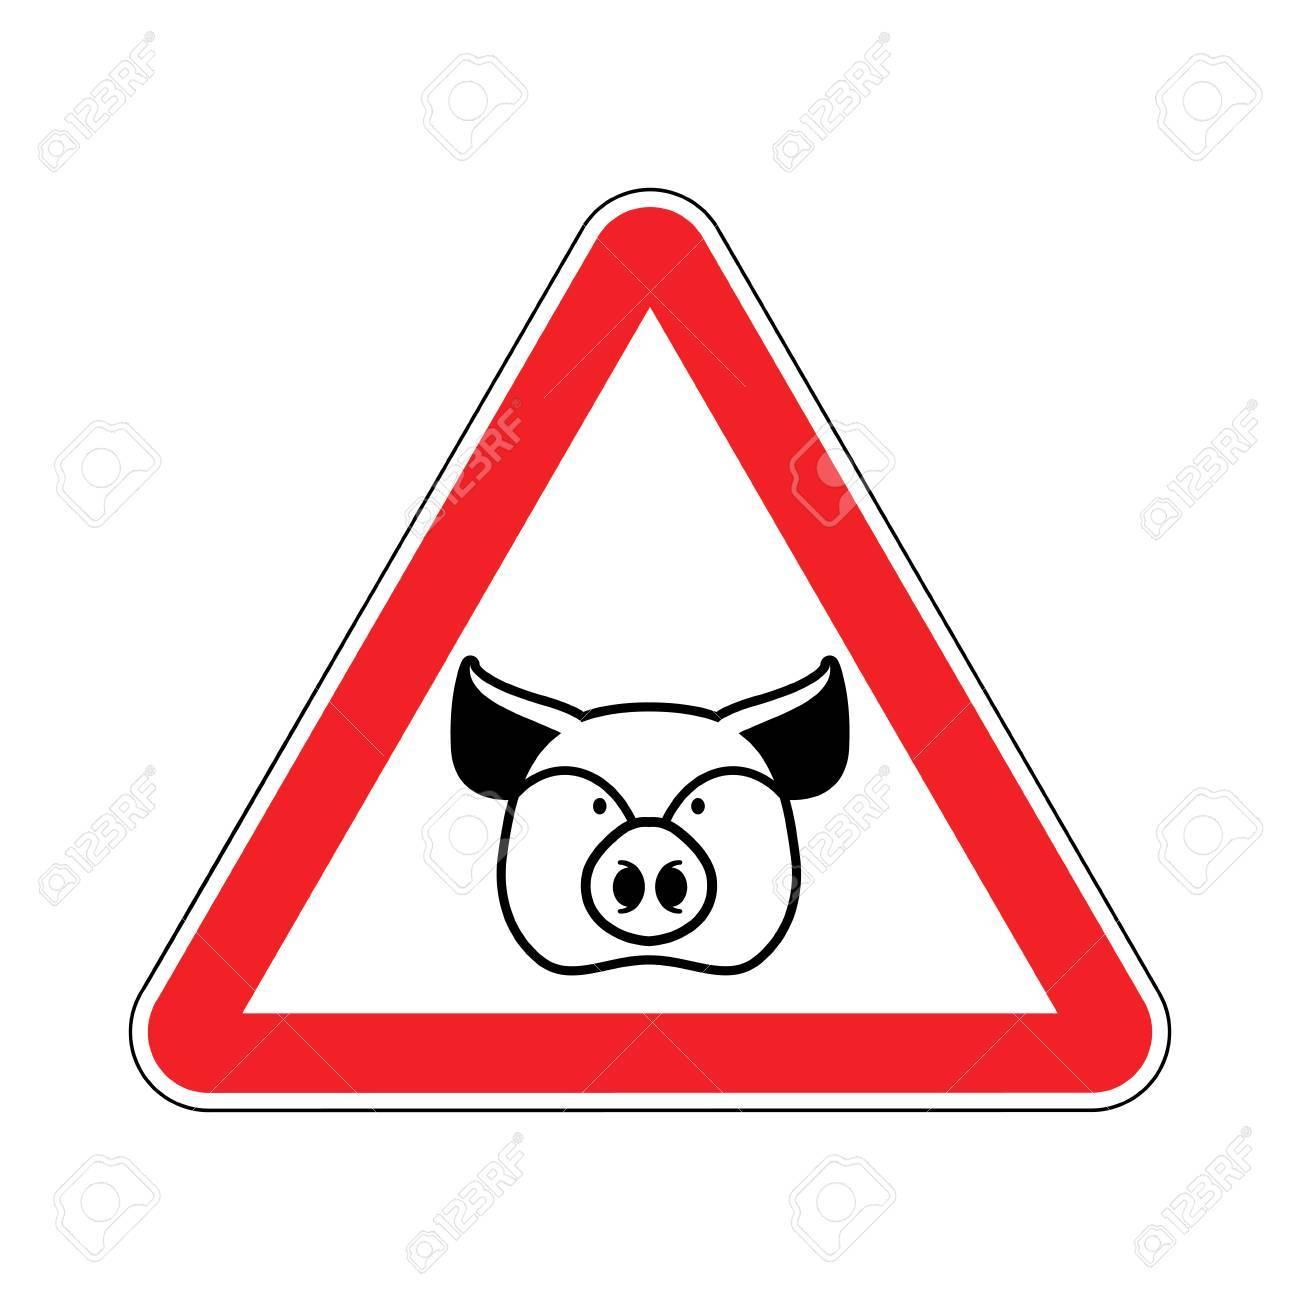 Venin de porc porcine. Terapie străveche cu extracte de origine animală